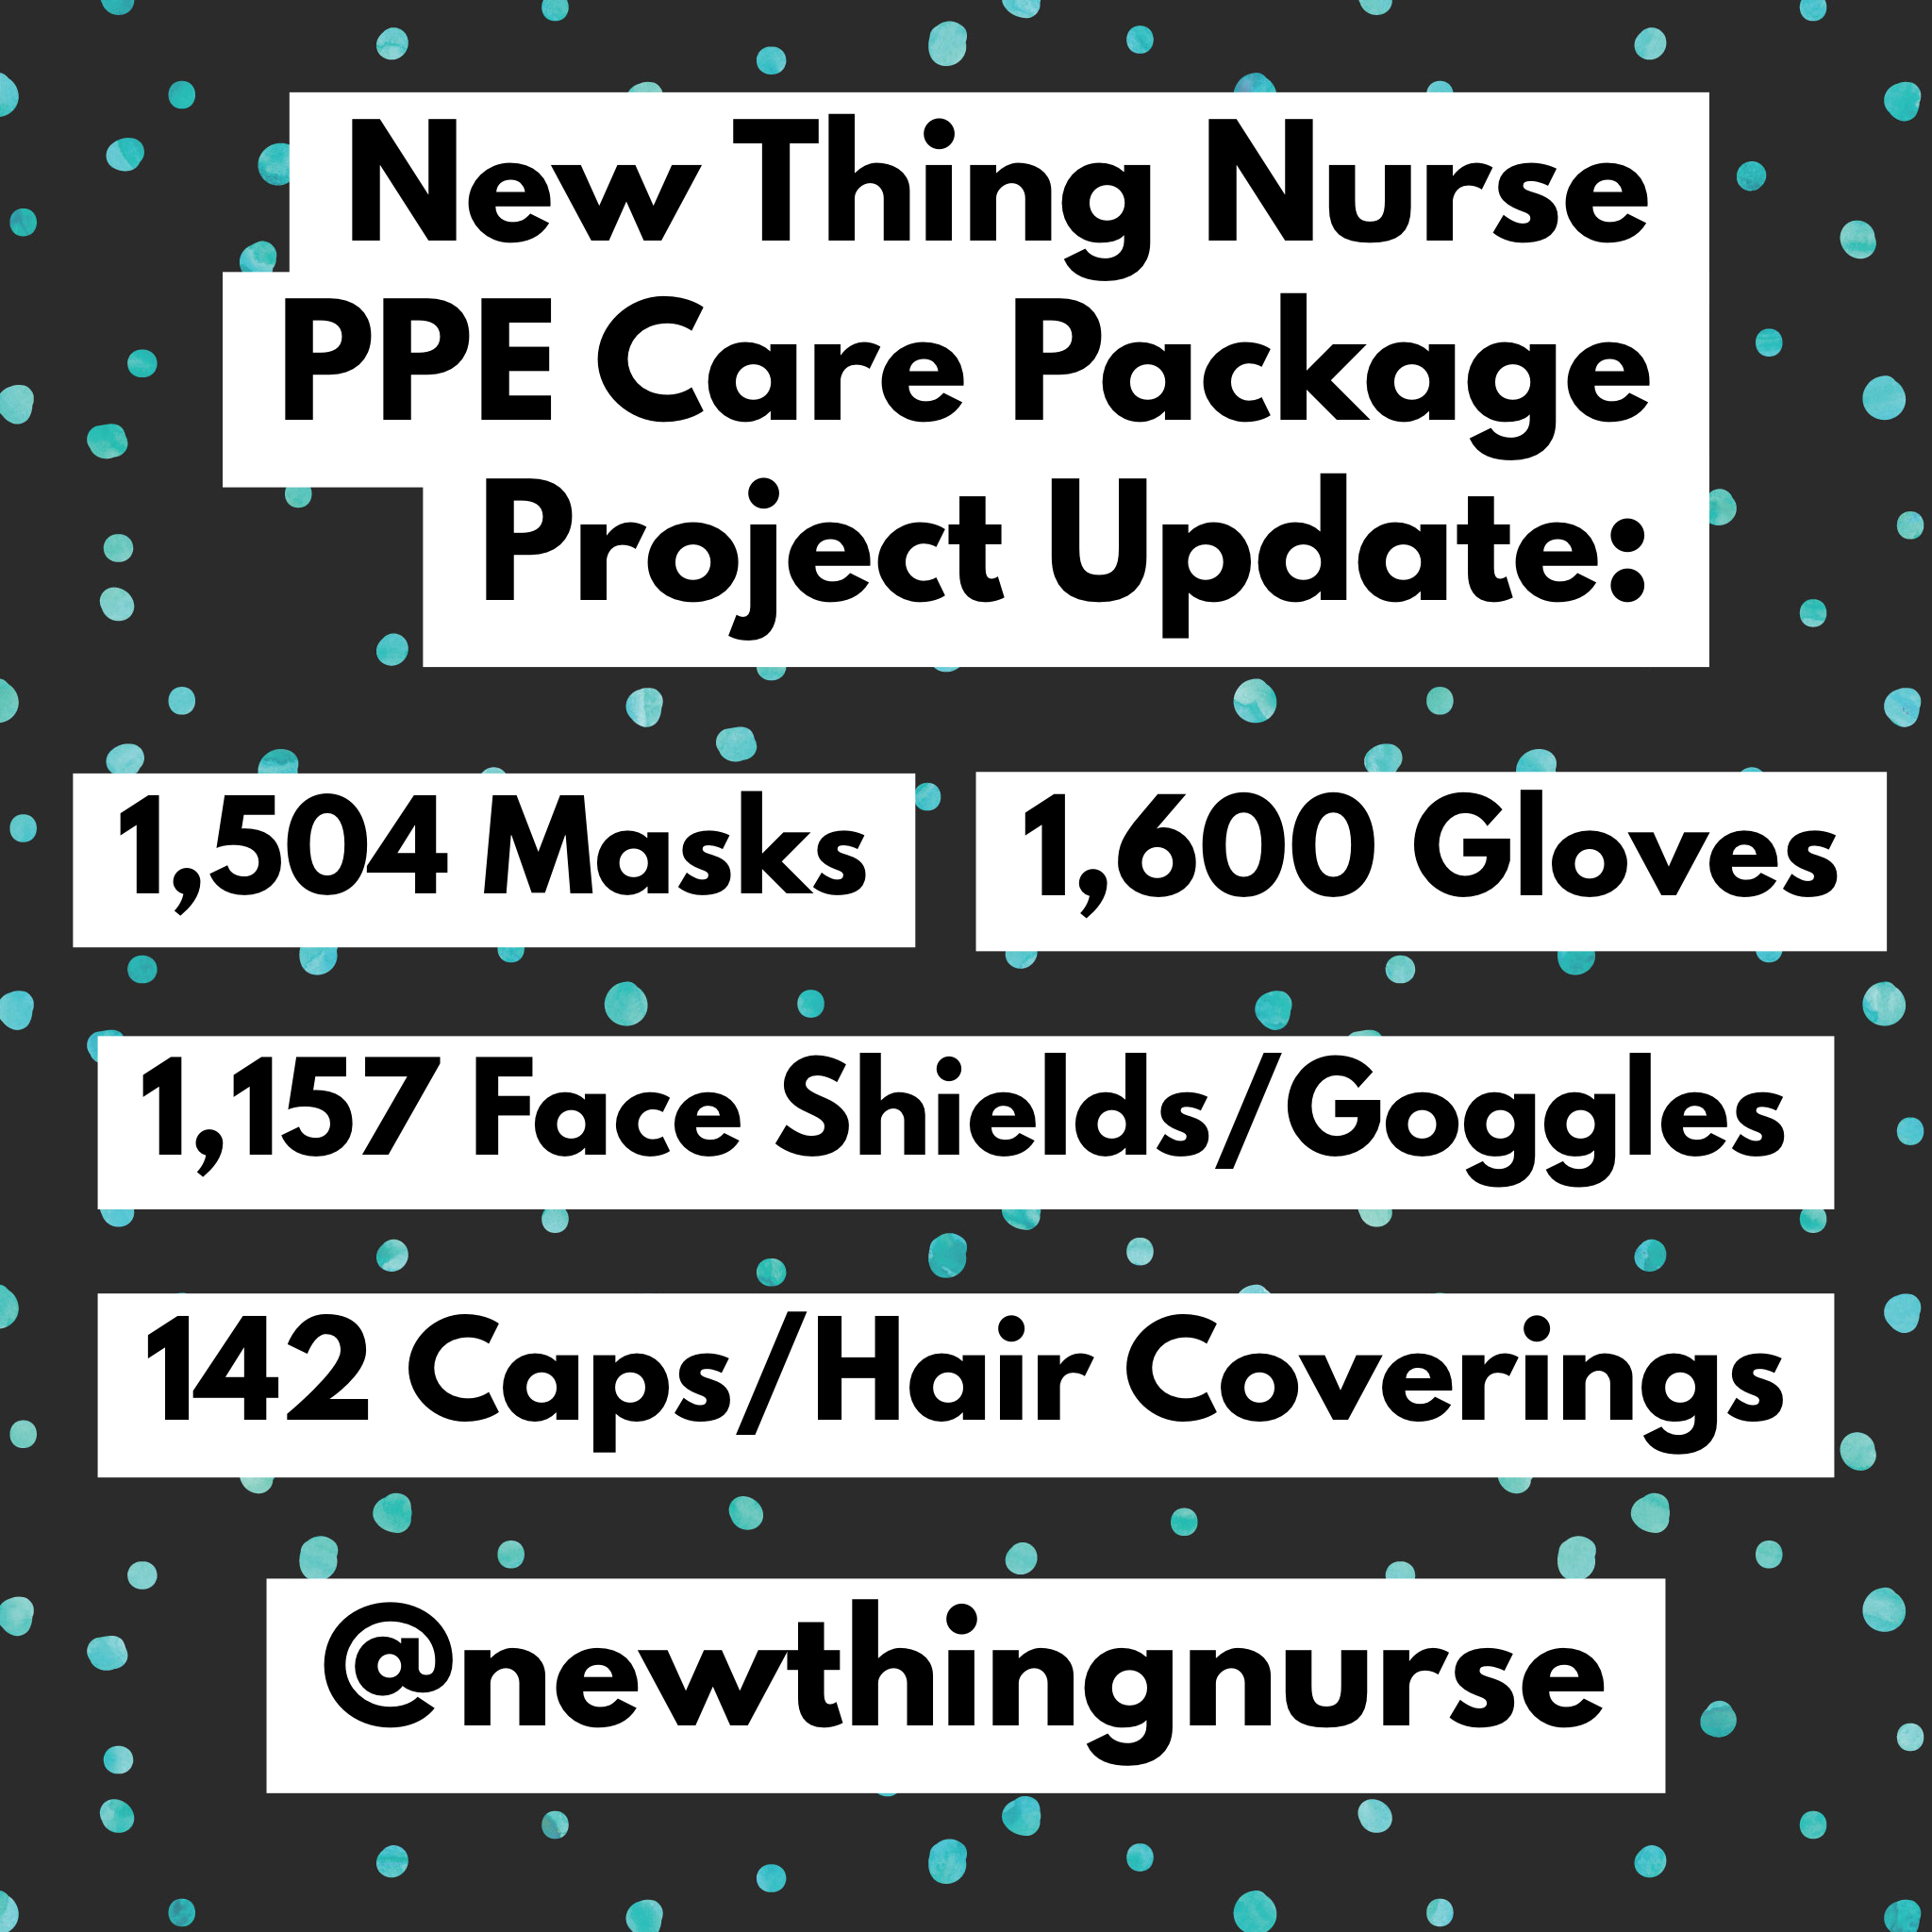 2020年7月15日:新事物护必威博彩app下载士个人防护装备护理包项目按数字截至7月15日!点击图片阅读更多内容!